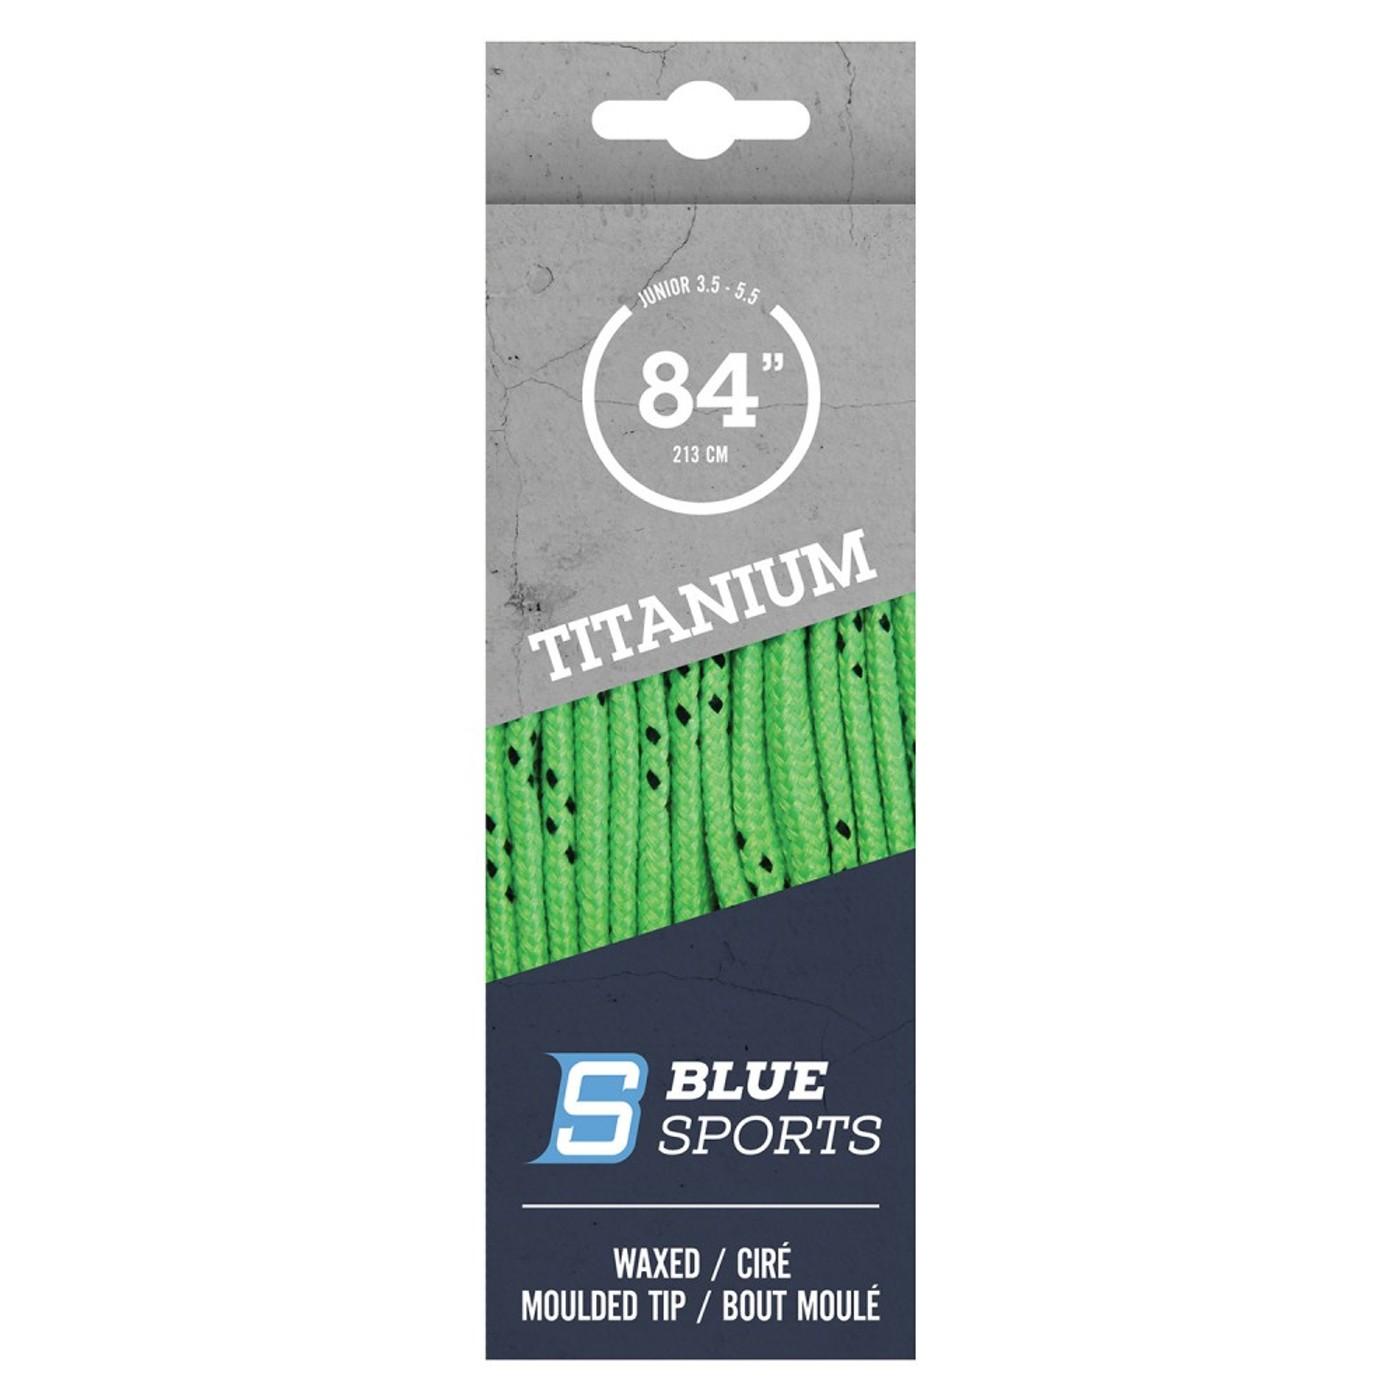 BLUE SPORTS Titanium Pro gewachst